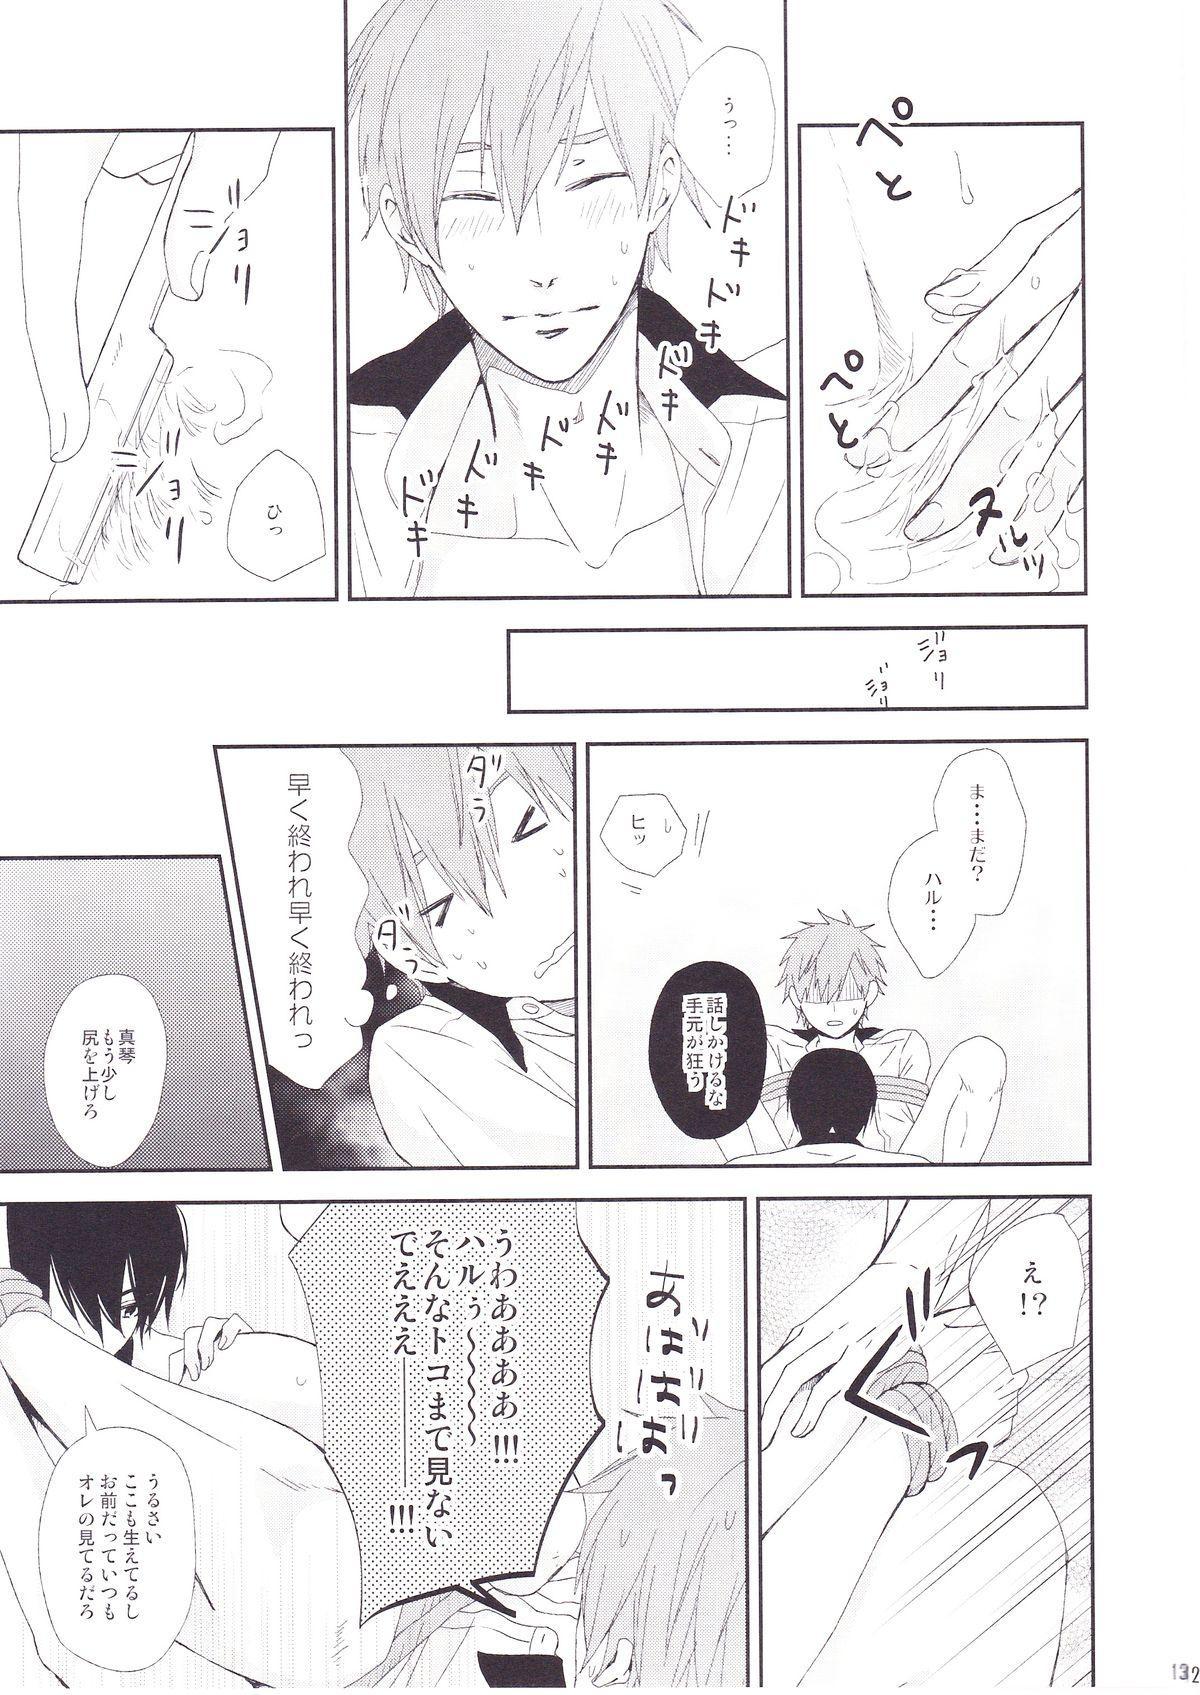 Koi no nawa shikakemashou 12